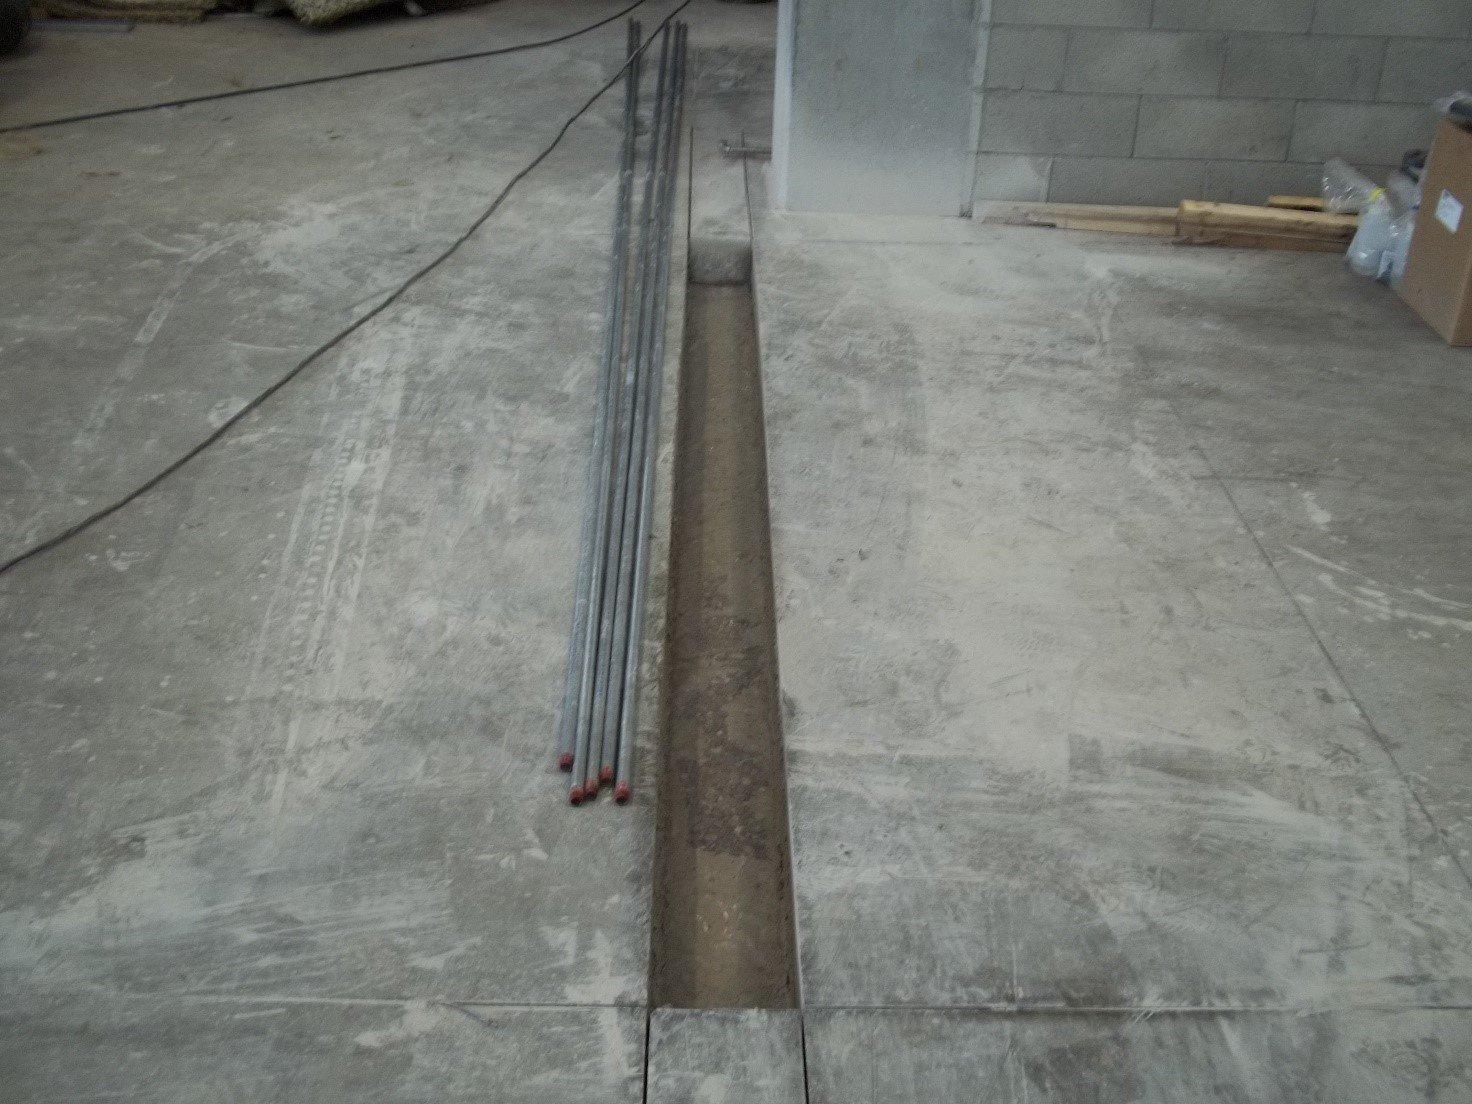 Taglio pavimento industriale per rinnovo degli impianti